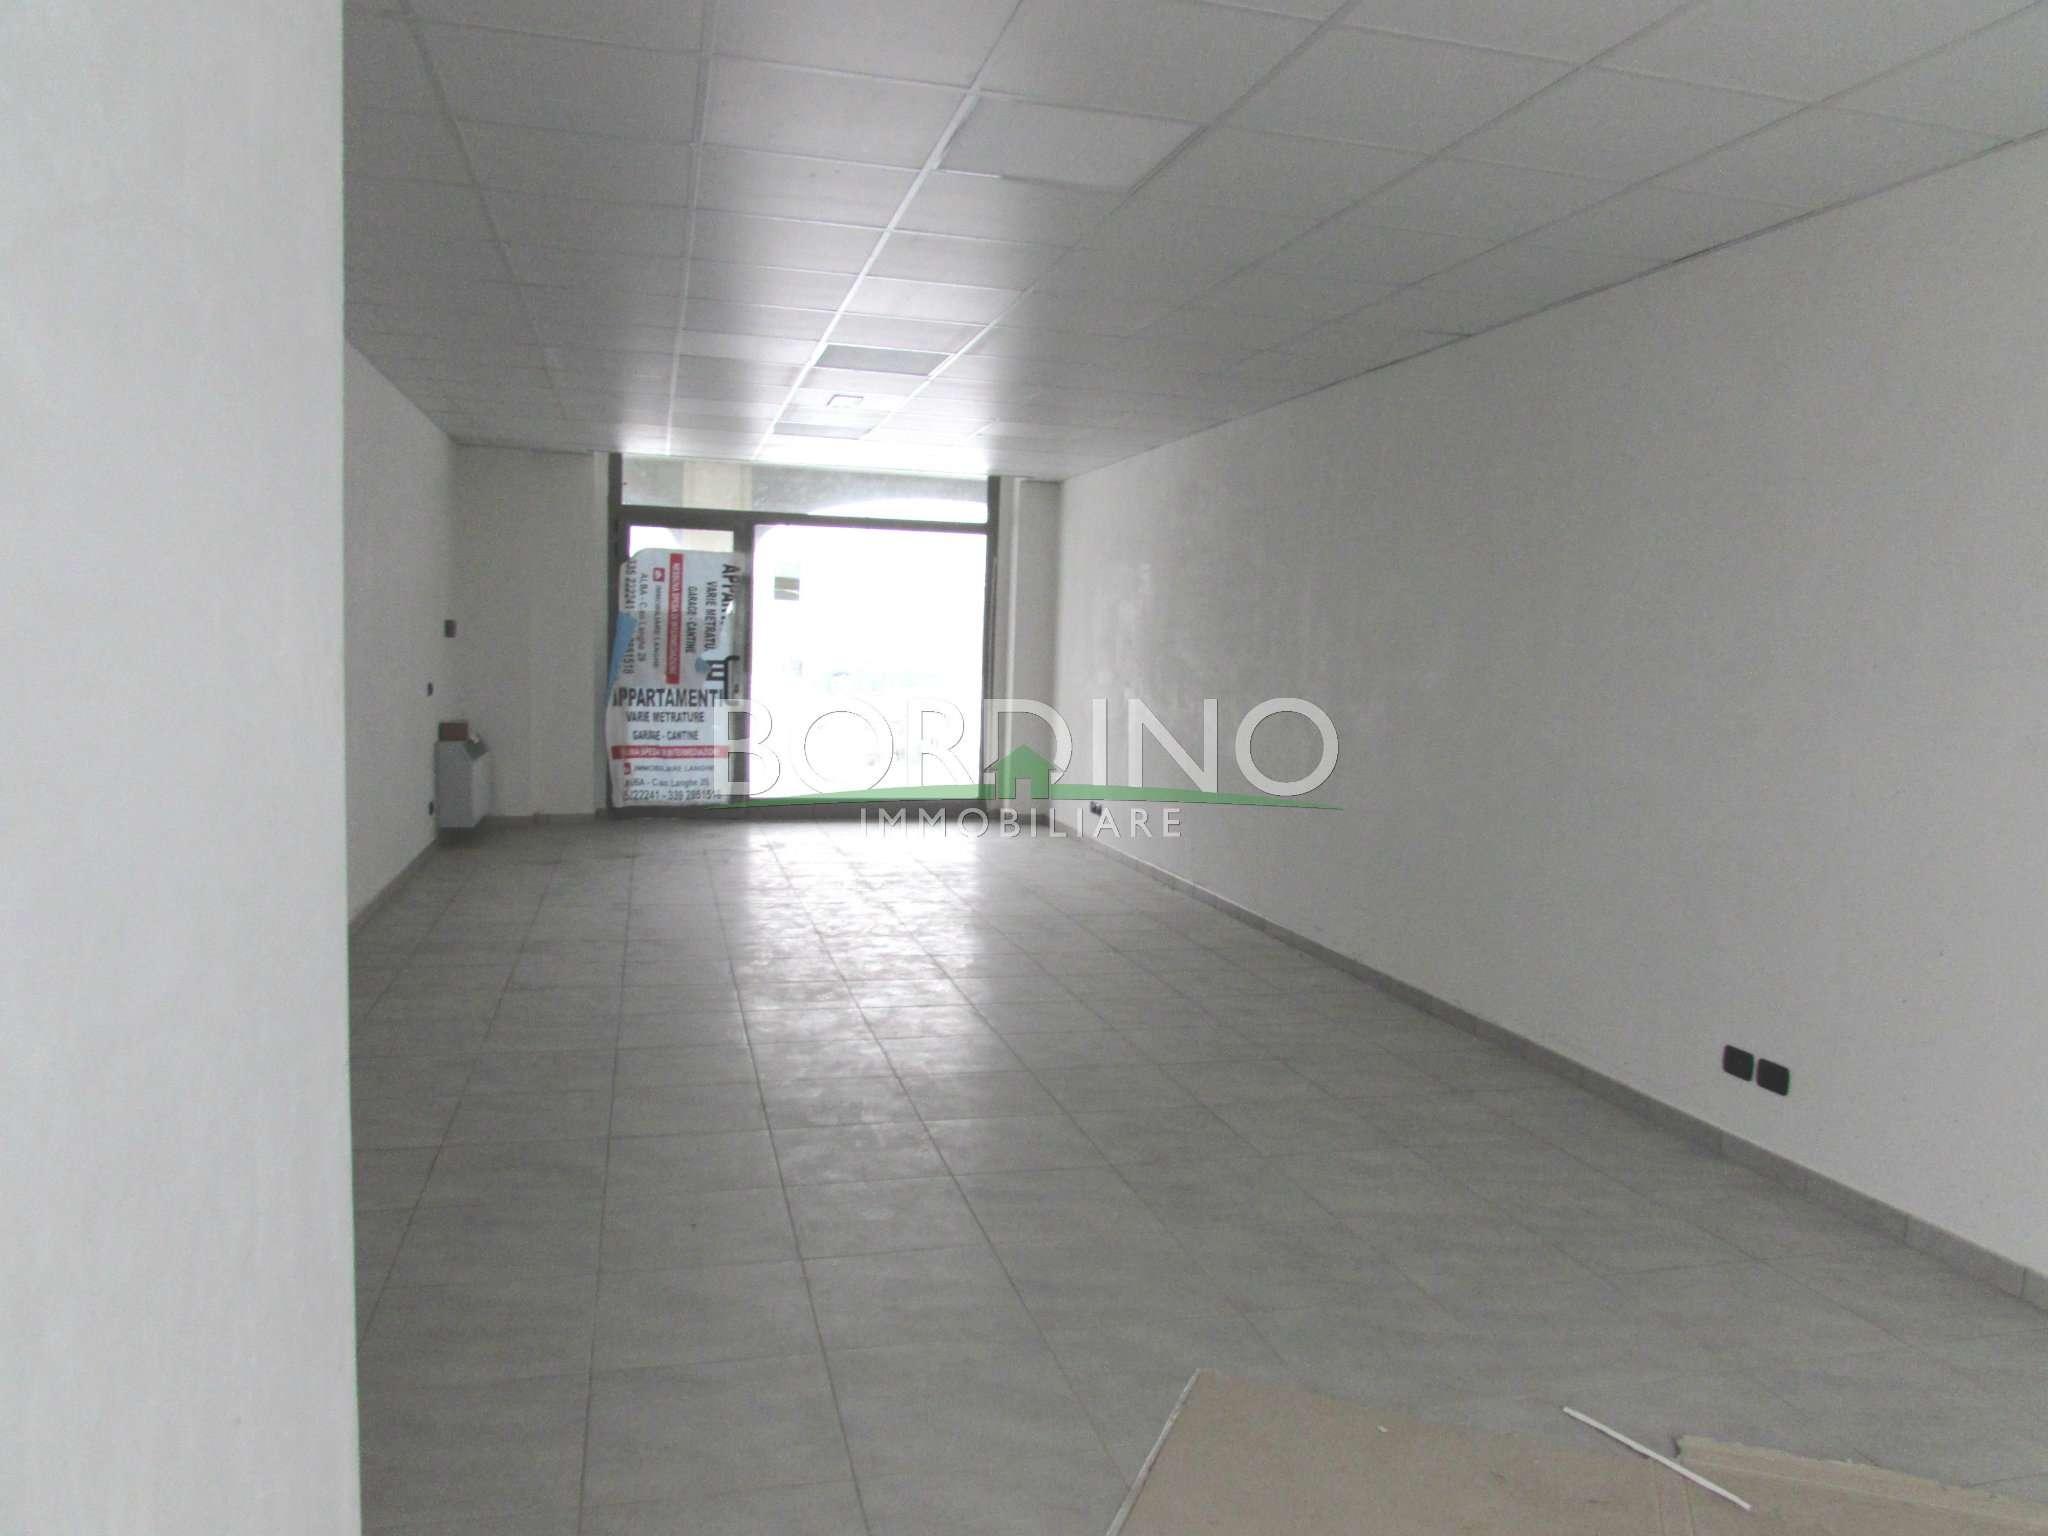 Ufficio / Studio in affitto a Magliano Alfieri, 1 locali, prezzo € 600 | Cambio Casa.it